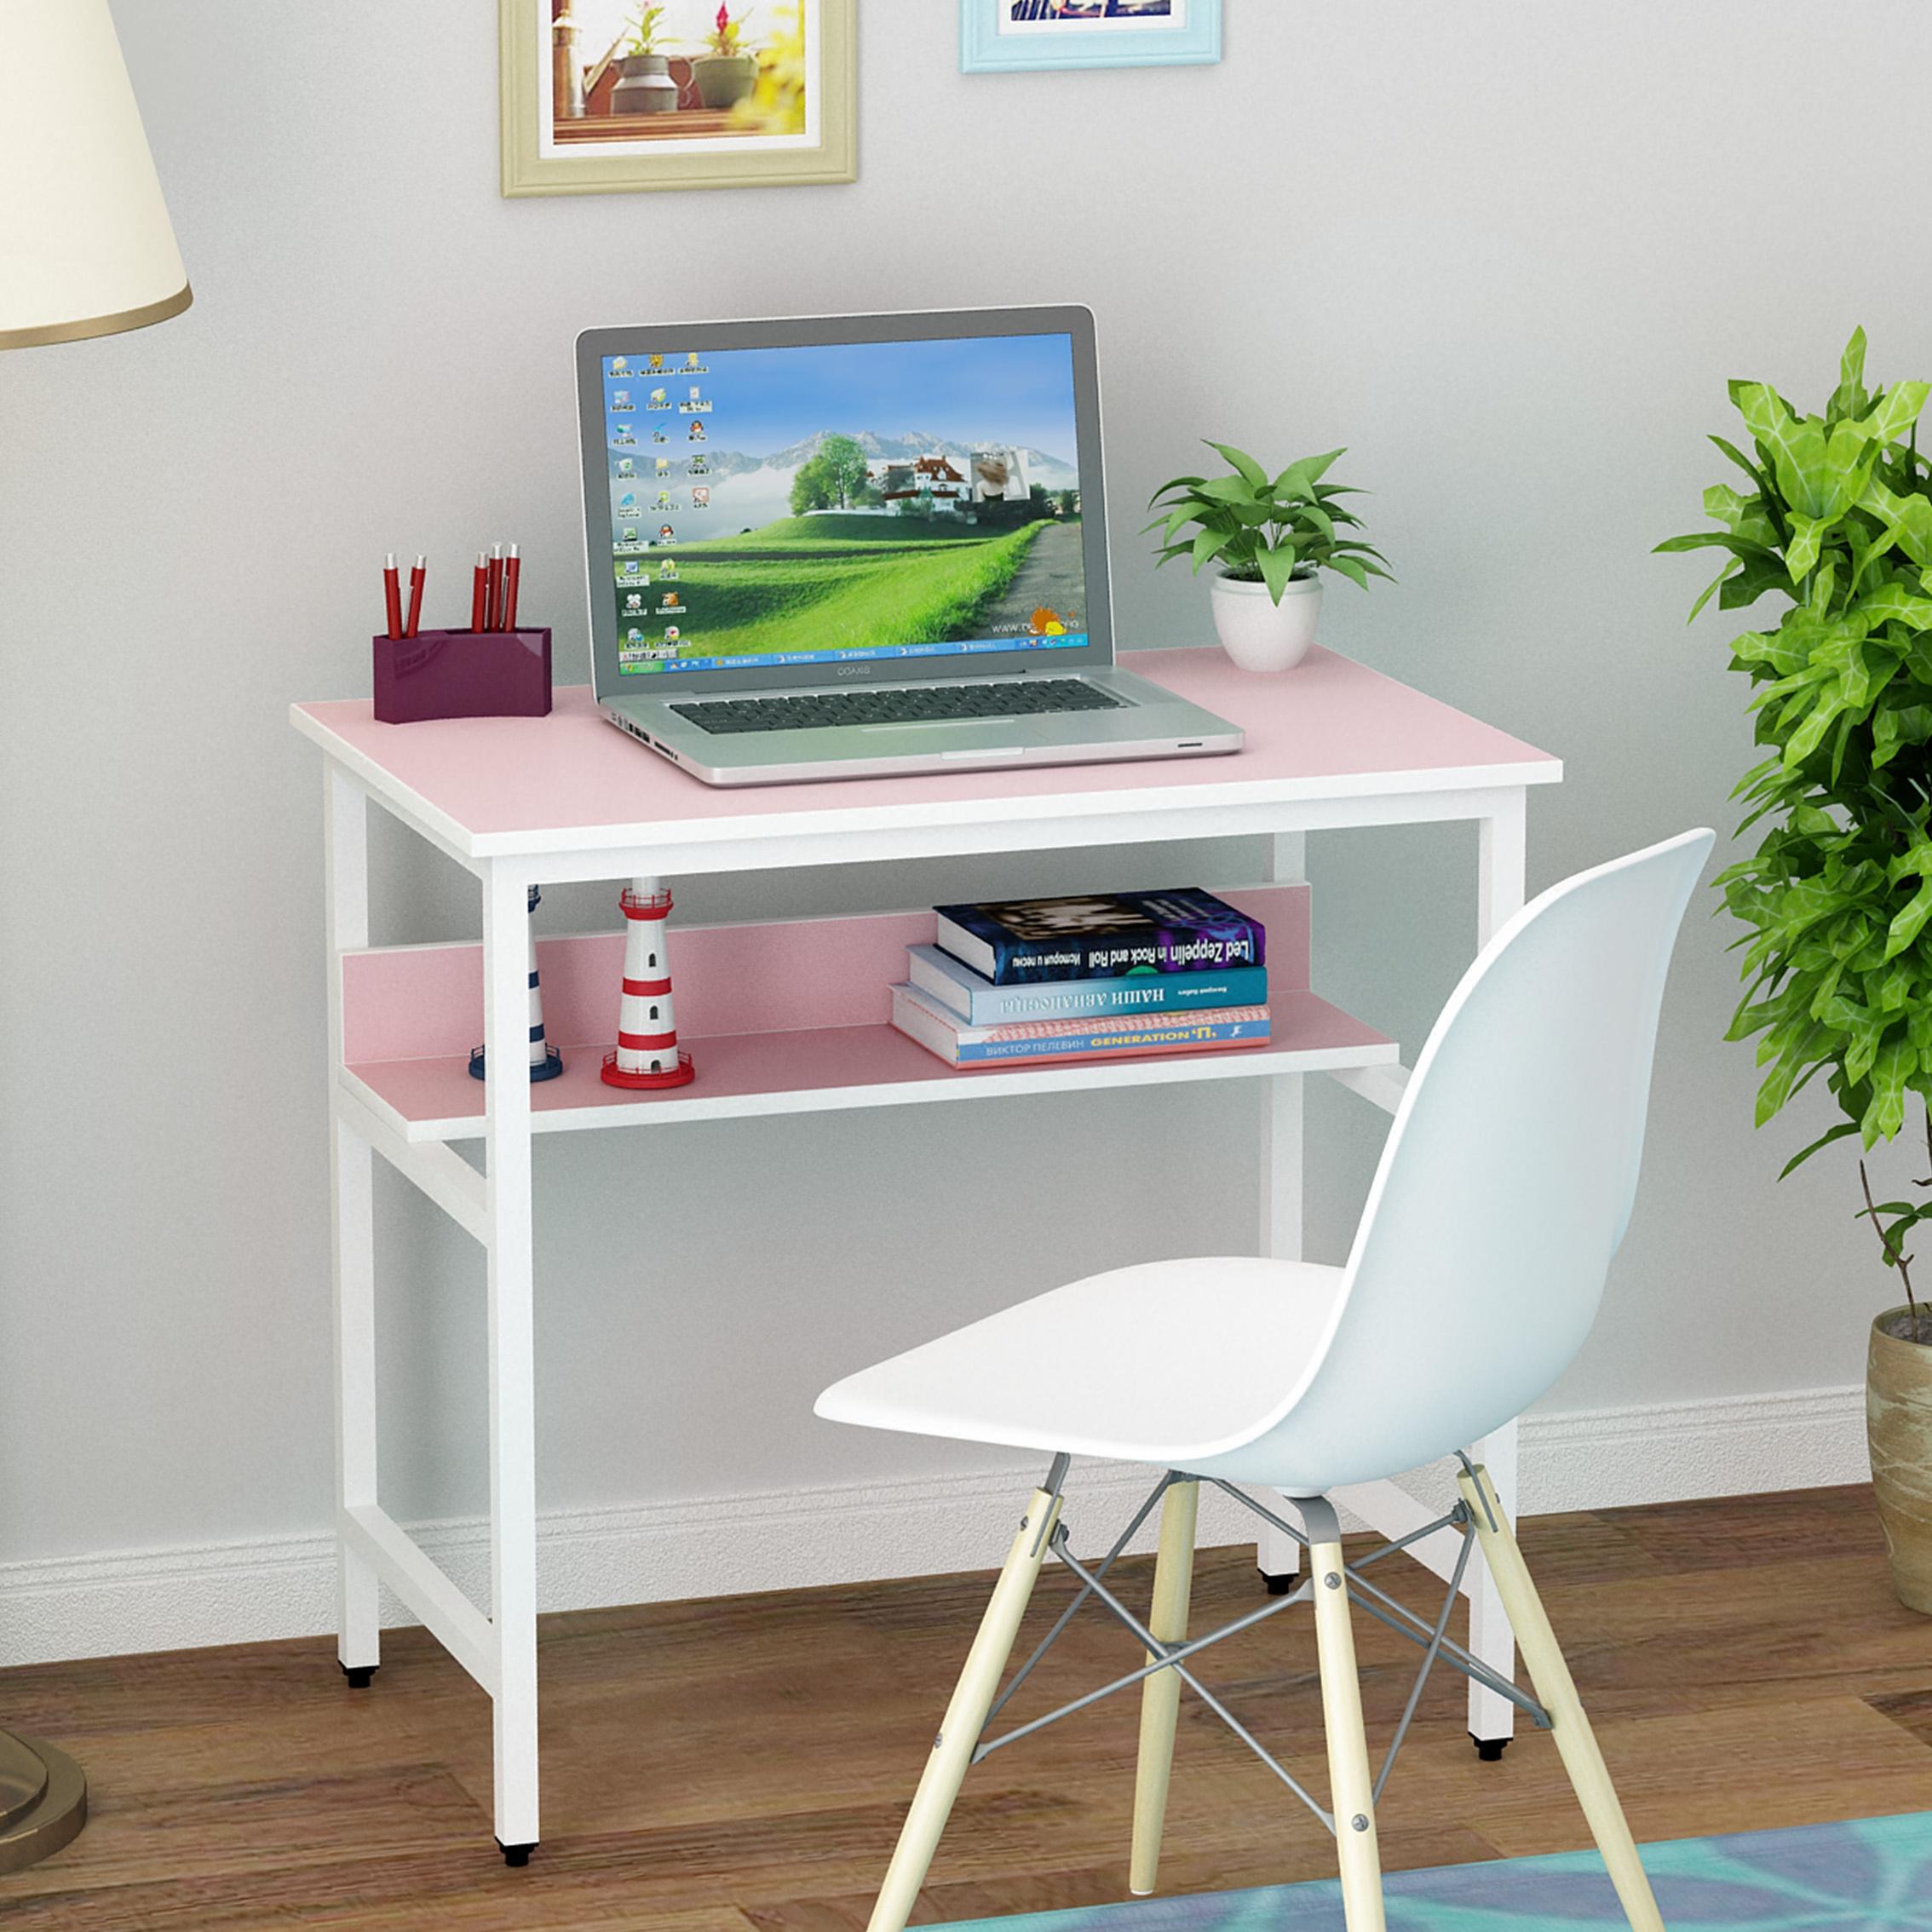 笔记本电脑桌子卧室写字桌学生写字台书桌家用单人两层桌子经济型